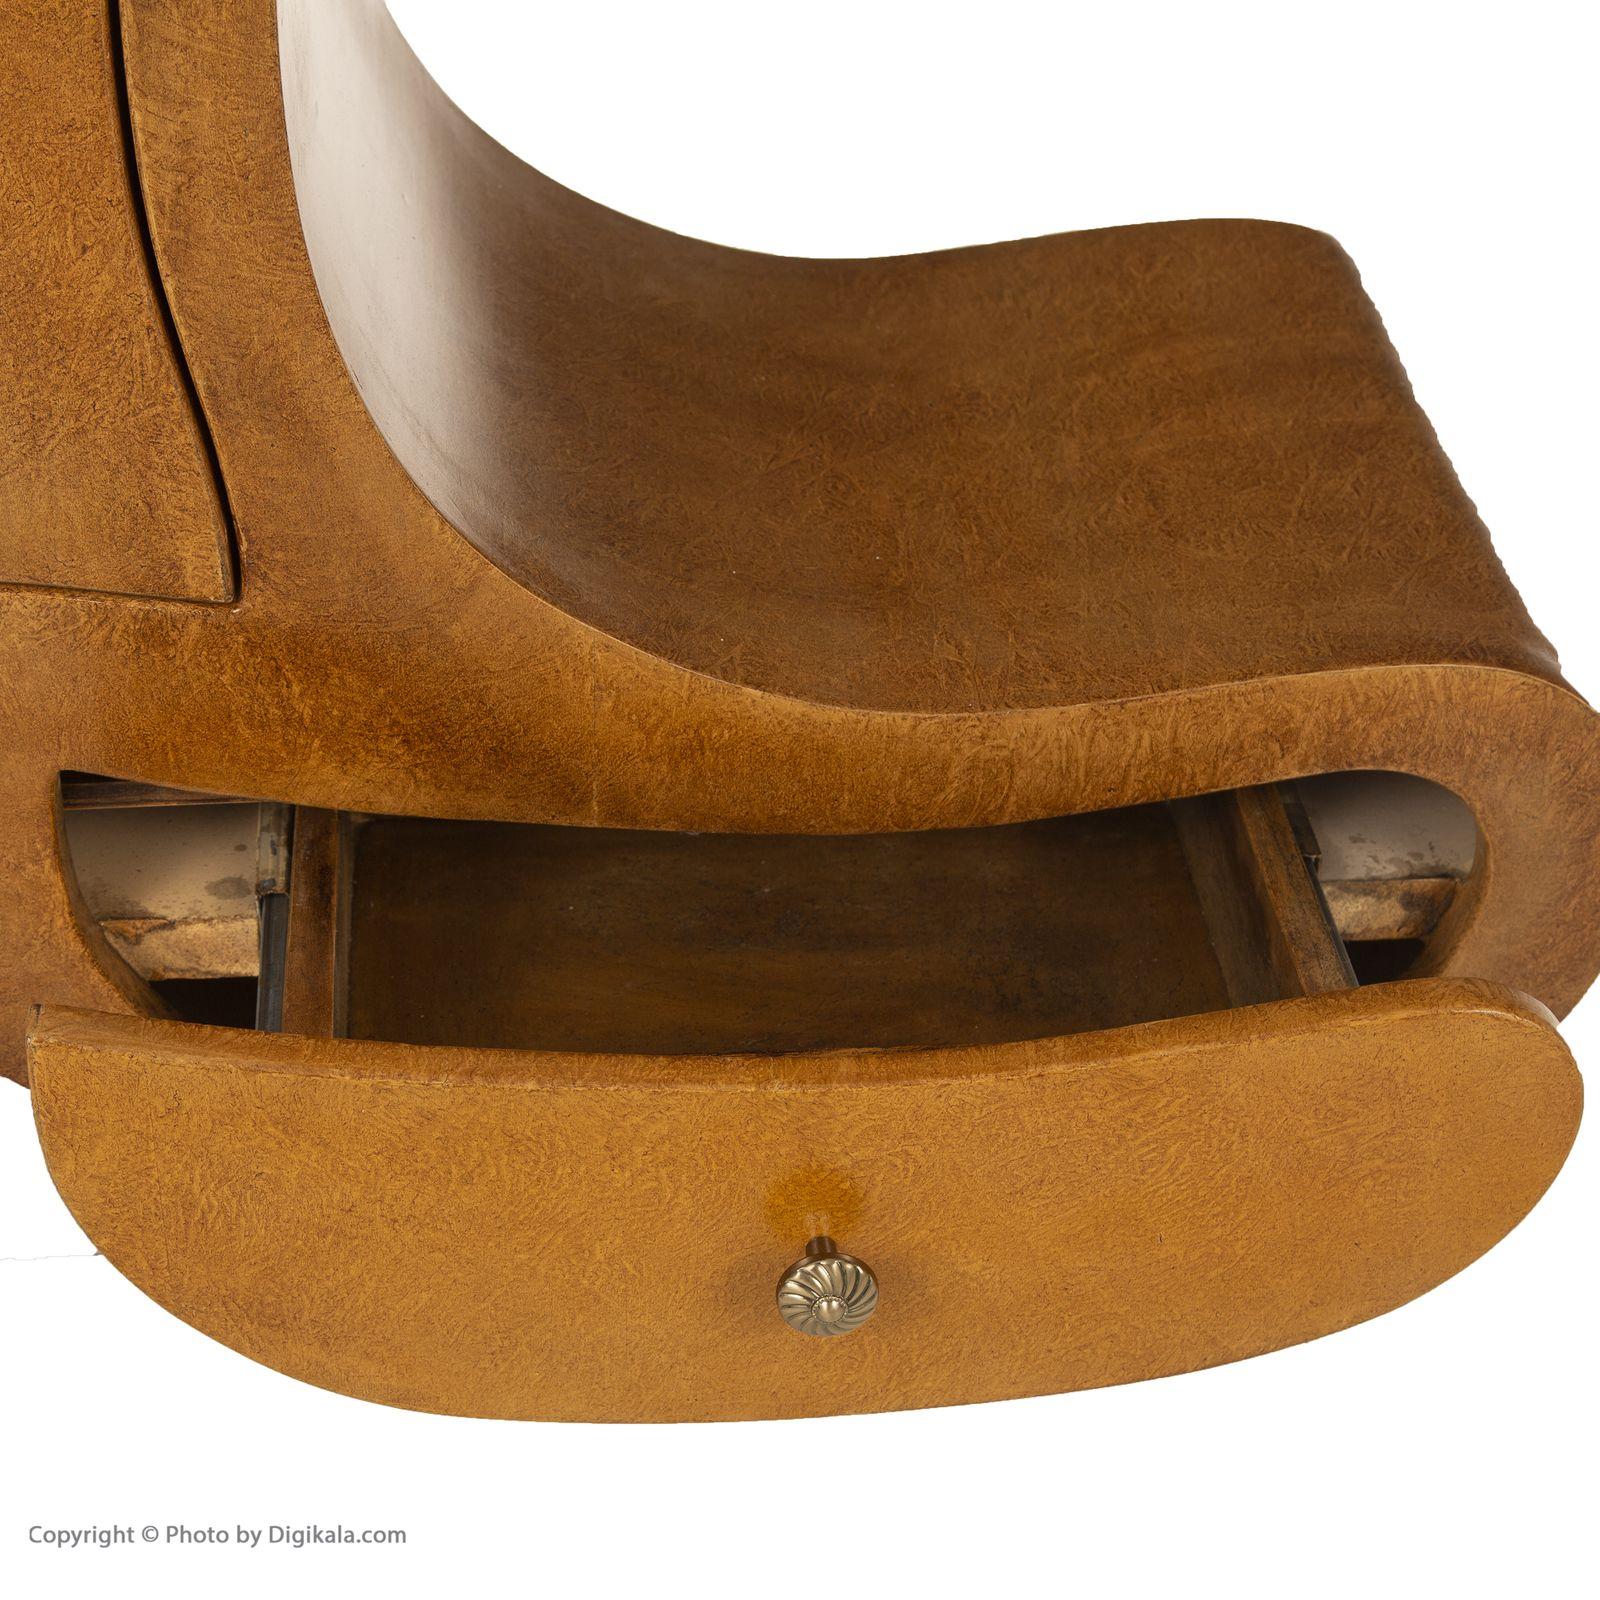 جاکفشی گیتا مدل Boot  main 1 7